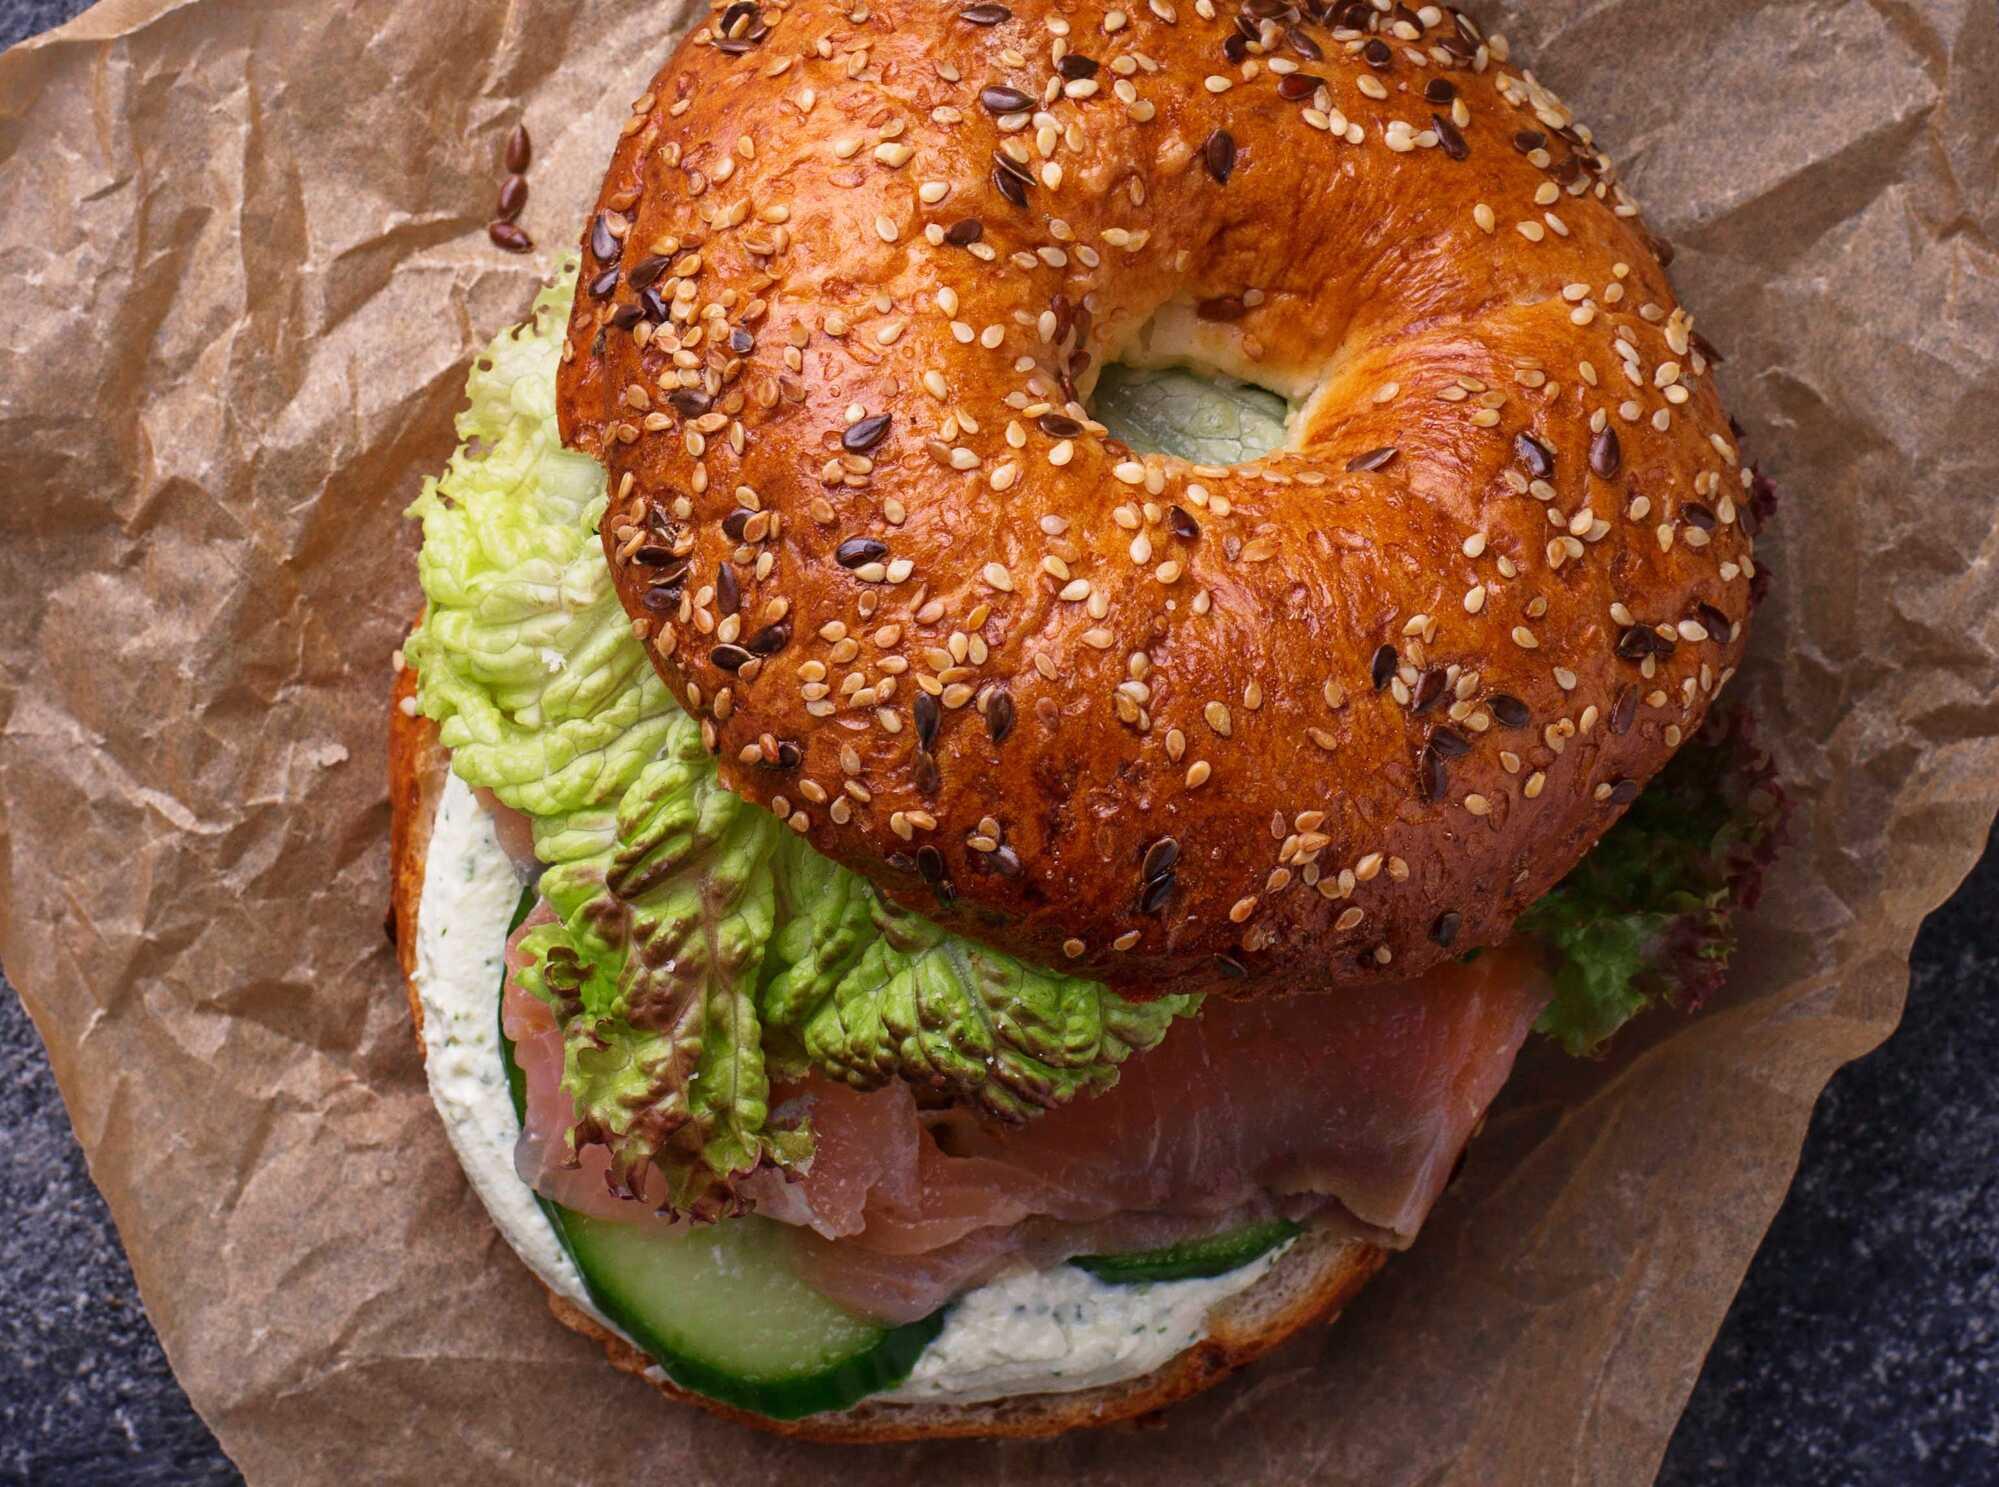 Ce bagel se présente sous la forme d'un burger, avec ses différents aliments, à commercer par les concombres, la tranche de saumon et la salade